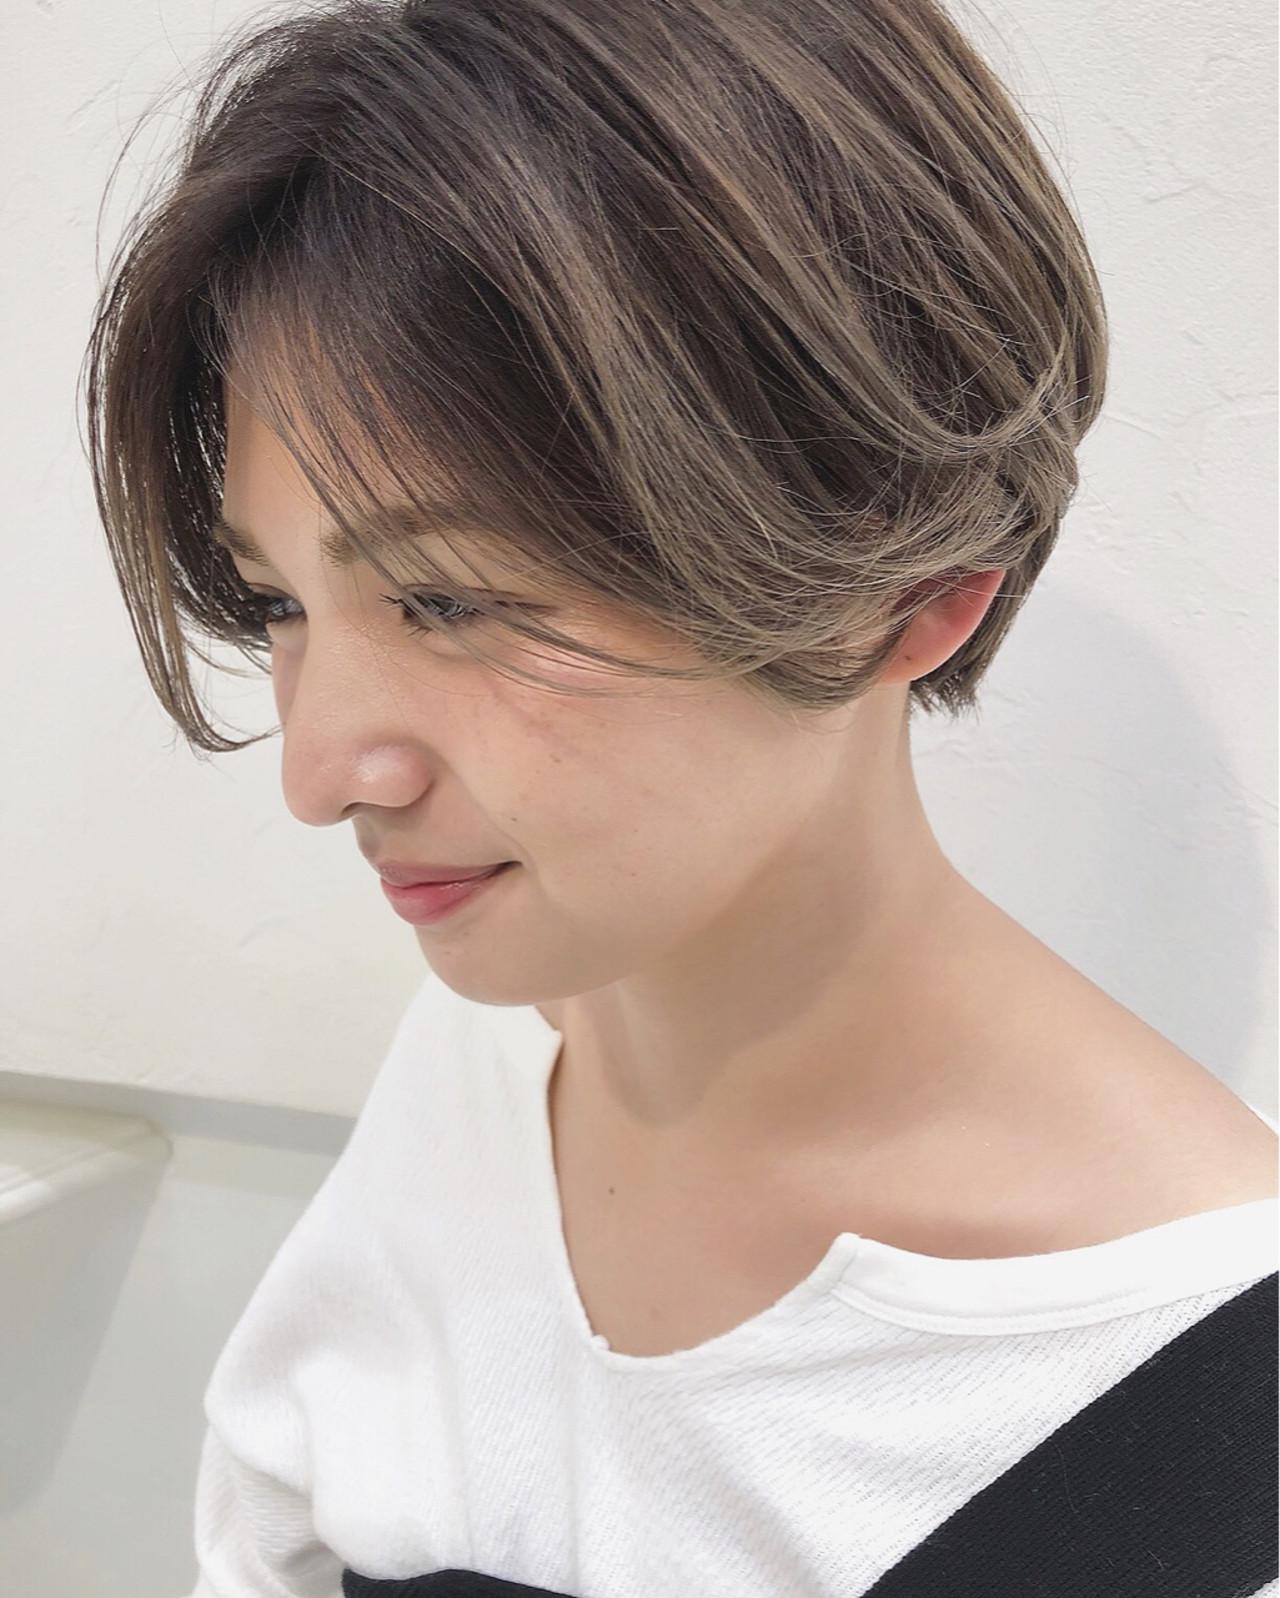 ストリート 3Dカラー アッシュベージュ ショート ヘアスタイルや髪型の写真・画像 | イシガキ ダイスケ / C-LOVe 中目黒